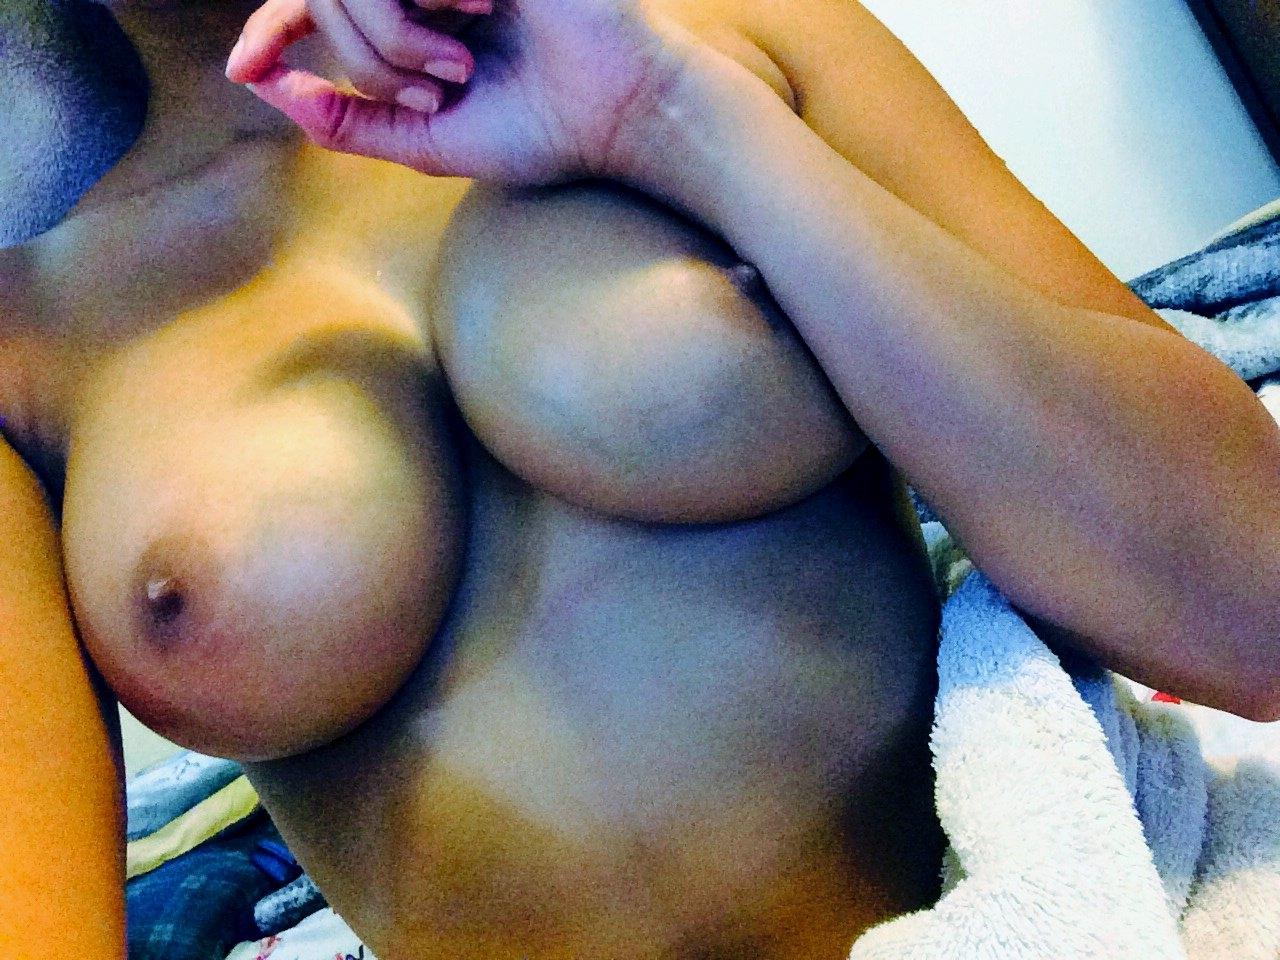 Фото Девушка вышла из душа, обмотавшись белым полотенцем, затем решила сфотографировать и показать всем свои прекрасные сиськи, сбросила полотенце, красивые большие сиськи, рука прижимает сосок, замечательная обнаженная грудь. Perfect boobs, naked tits, girl bared a breast, appetizing tits, nipples, скачать картинку бесплатно